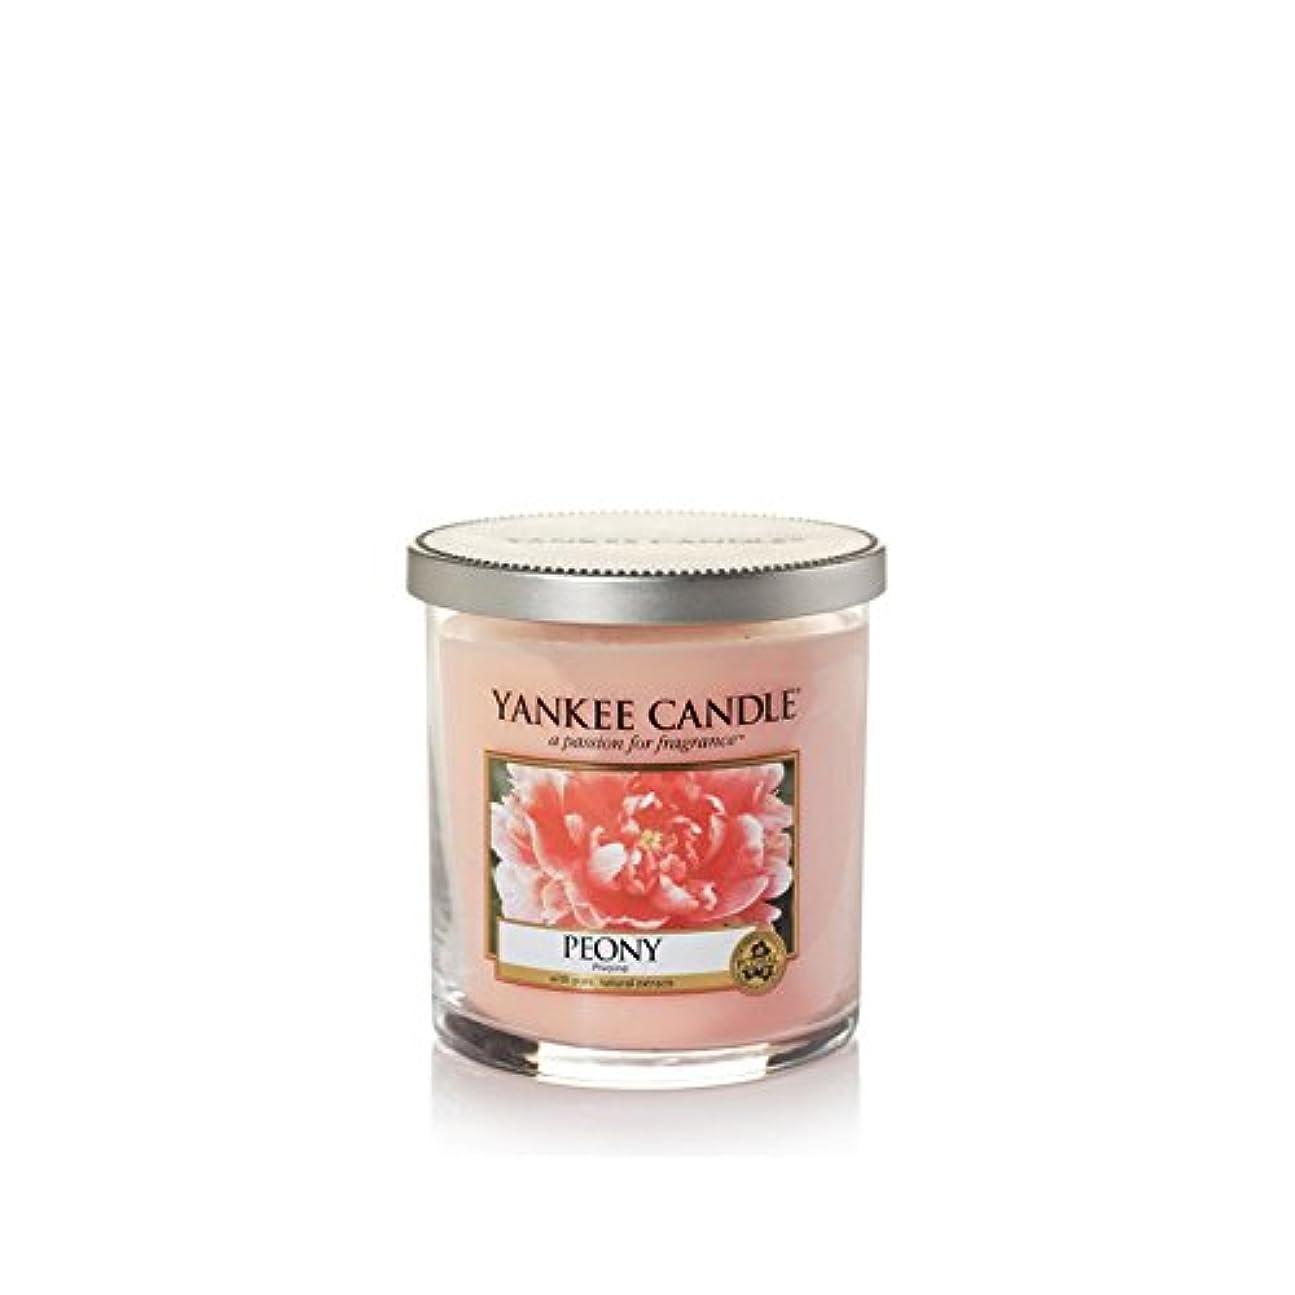 月曜日足音罪人Yankee Candles Small Pillar Candle - Peony (Pack of 2) - ヤンキーキャンドルの小さな柱キャンドル - 牡丹 (x2) [並行輸入品]